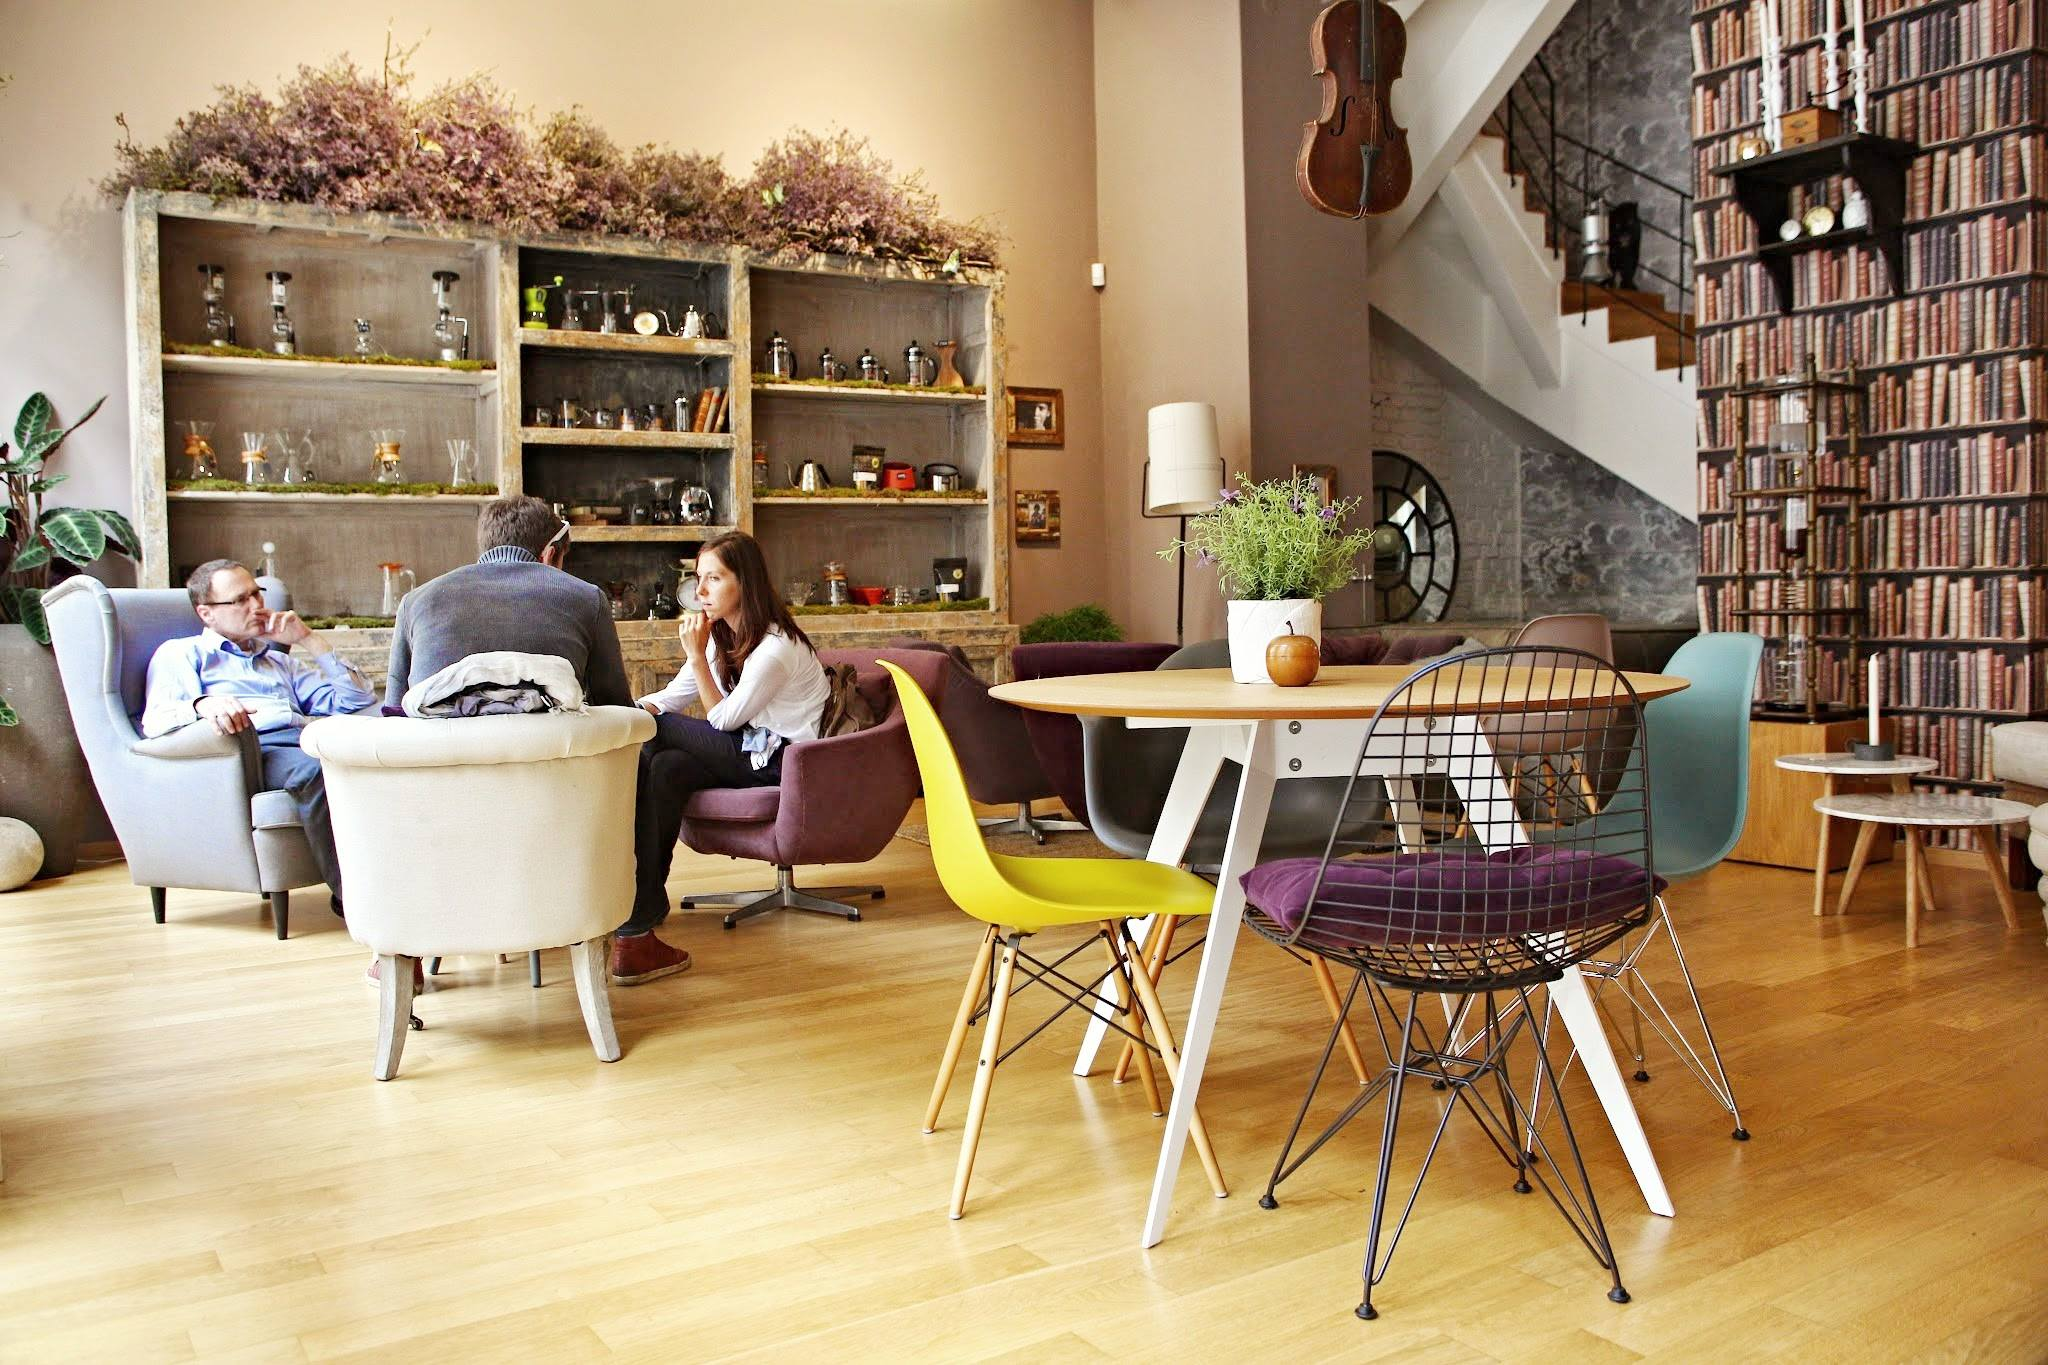 La Boheme Cafe Prague Menu